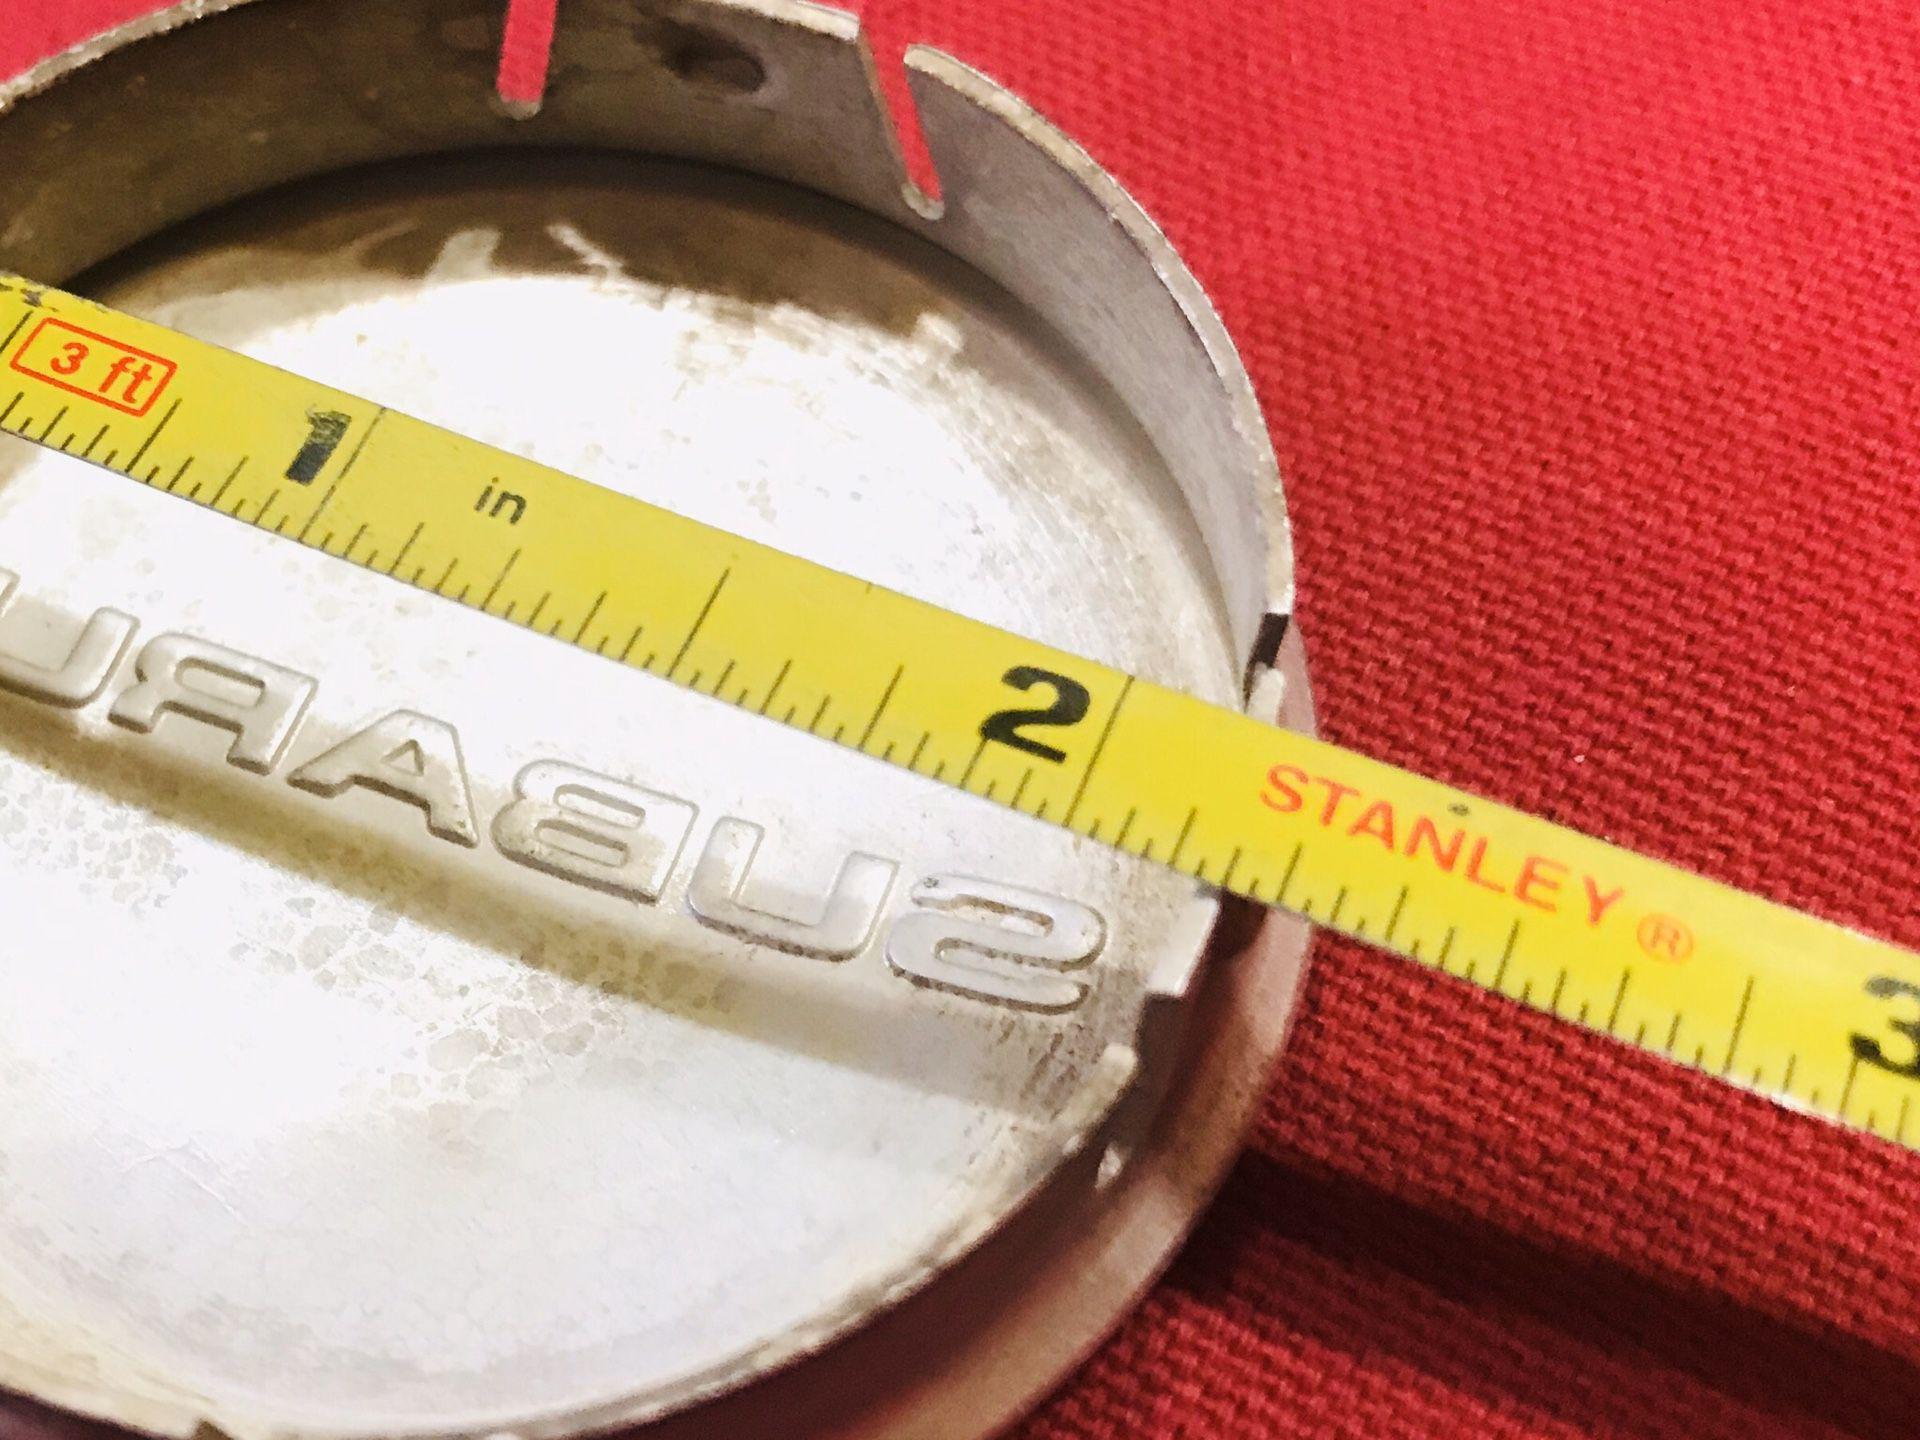 Subaru rim center caps.